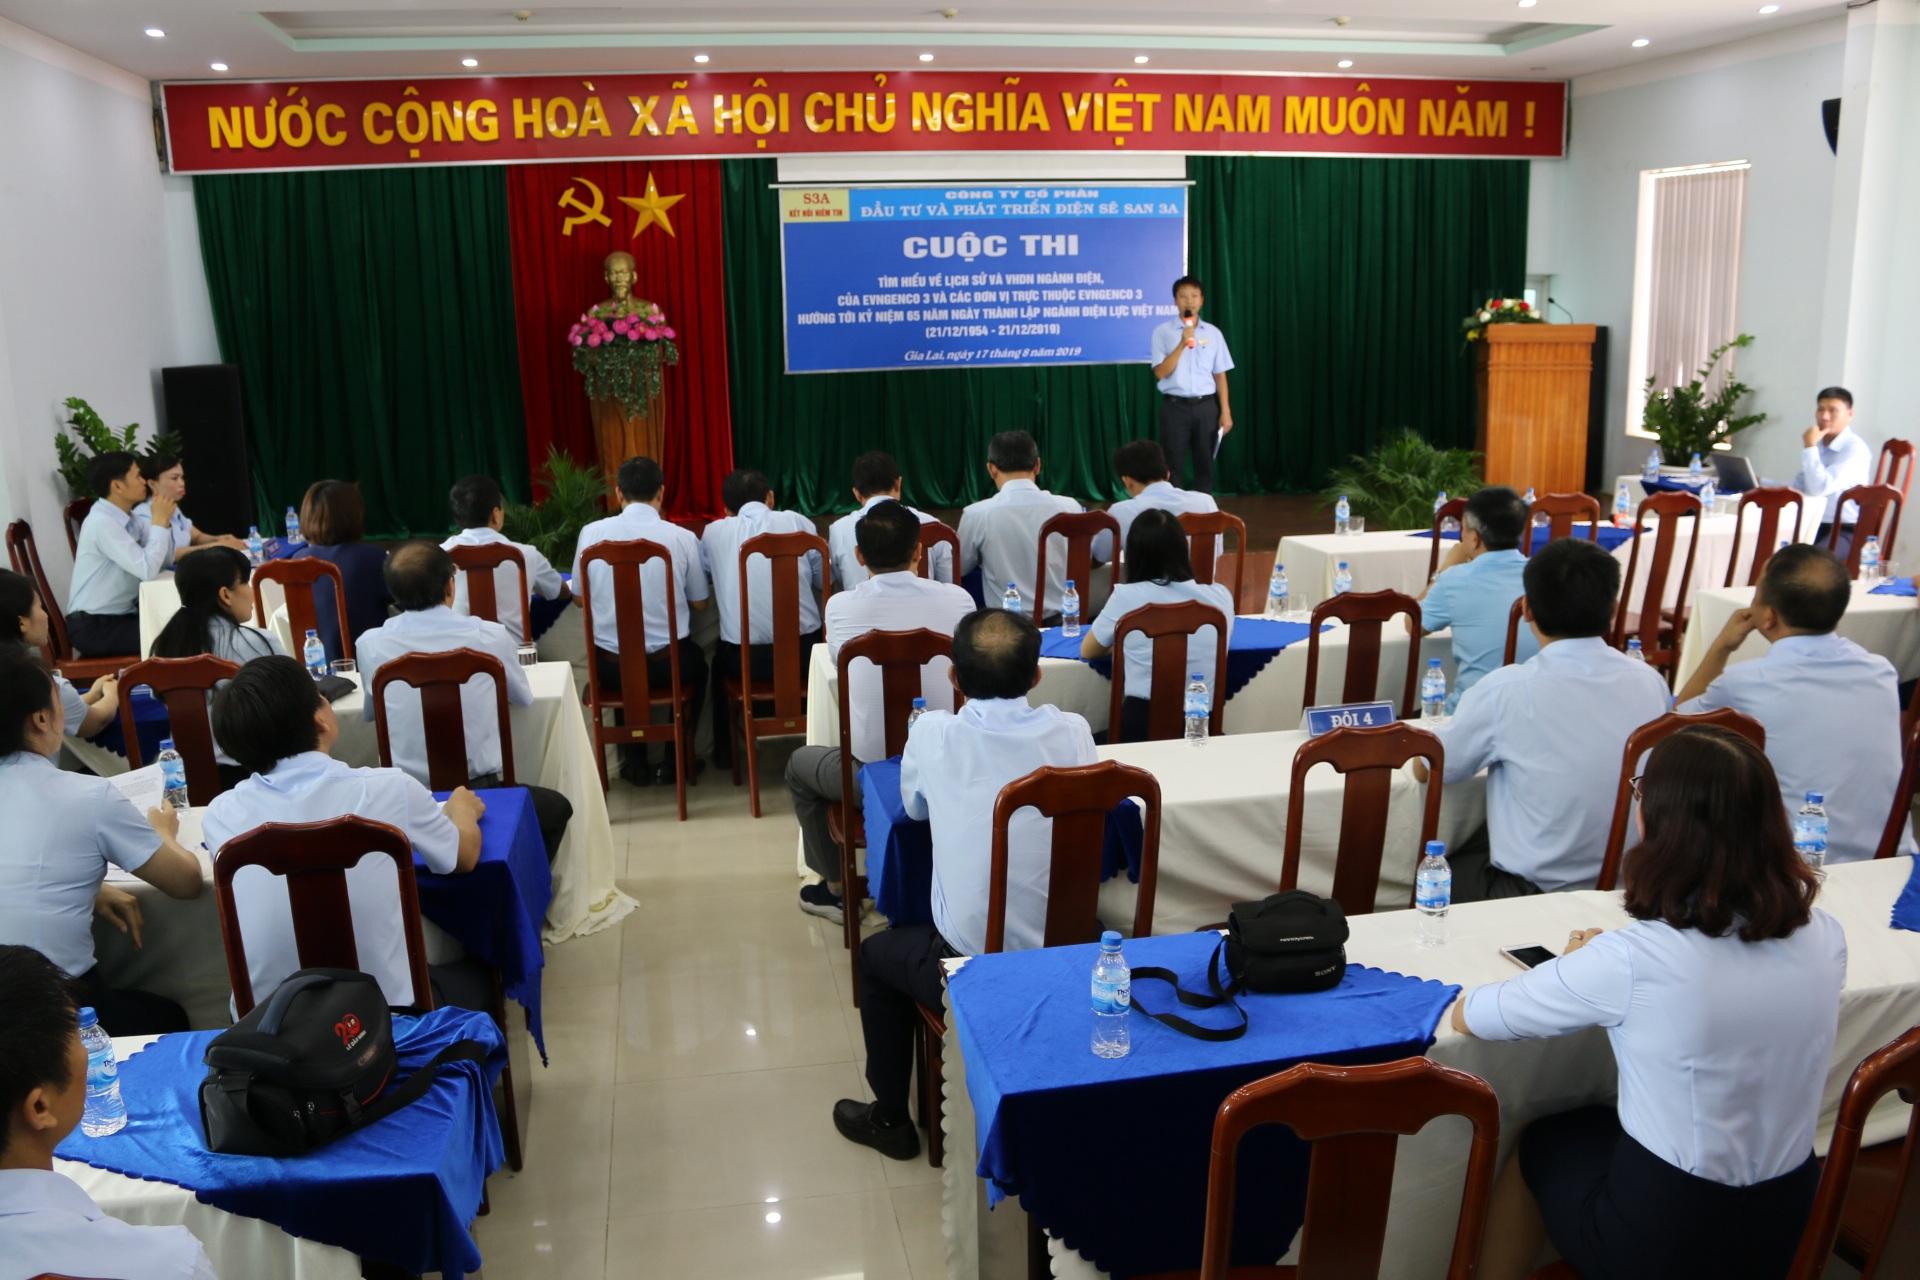 Cuộc thi tìm hiểu về lịch sử và VHDN của ngành điện, của EVN Genco 3 và các đơn vị hướng đến kỷ niệm 65 năm ngày truyền thống ngành Điện lực Việt Nam